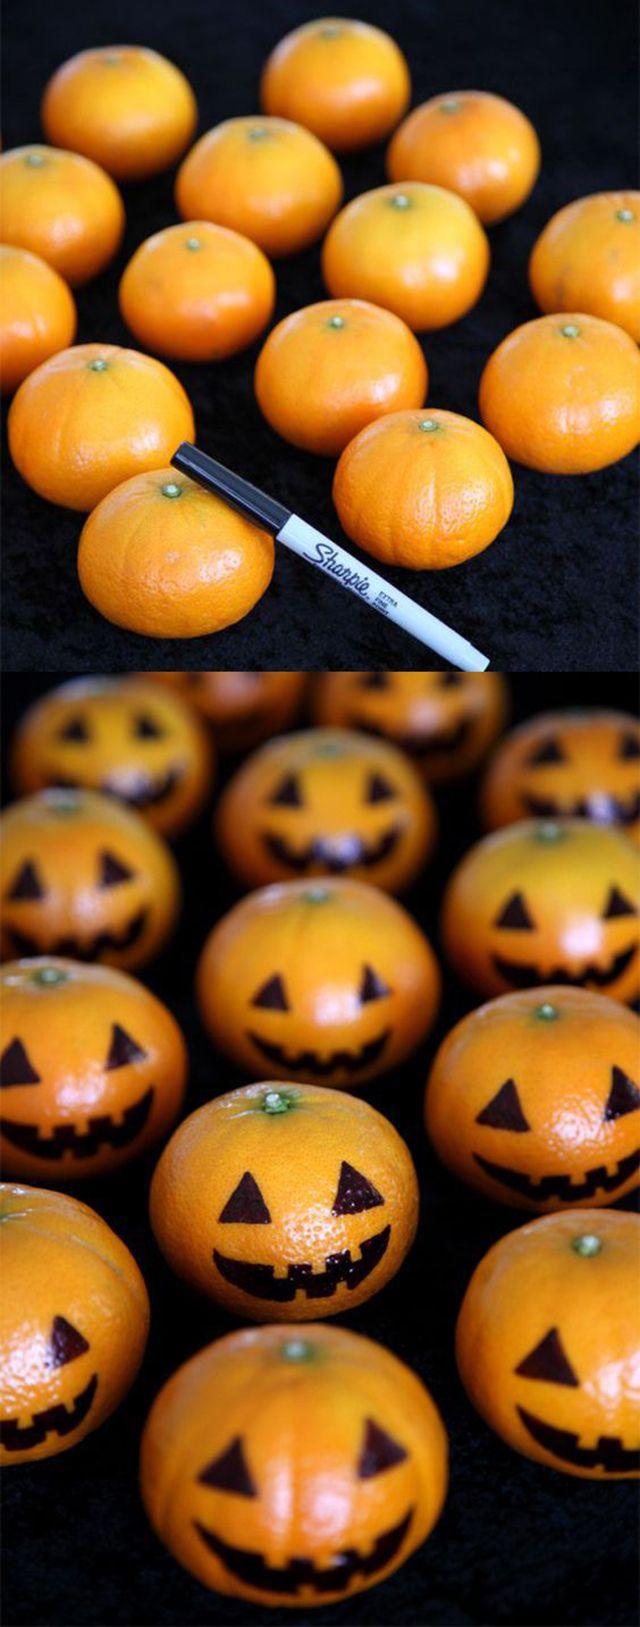 45 Enfeites de Halloween Fáceis de Fazer em Casa #diyhalloweendéco